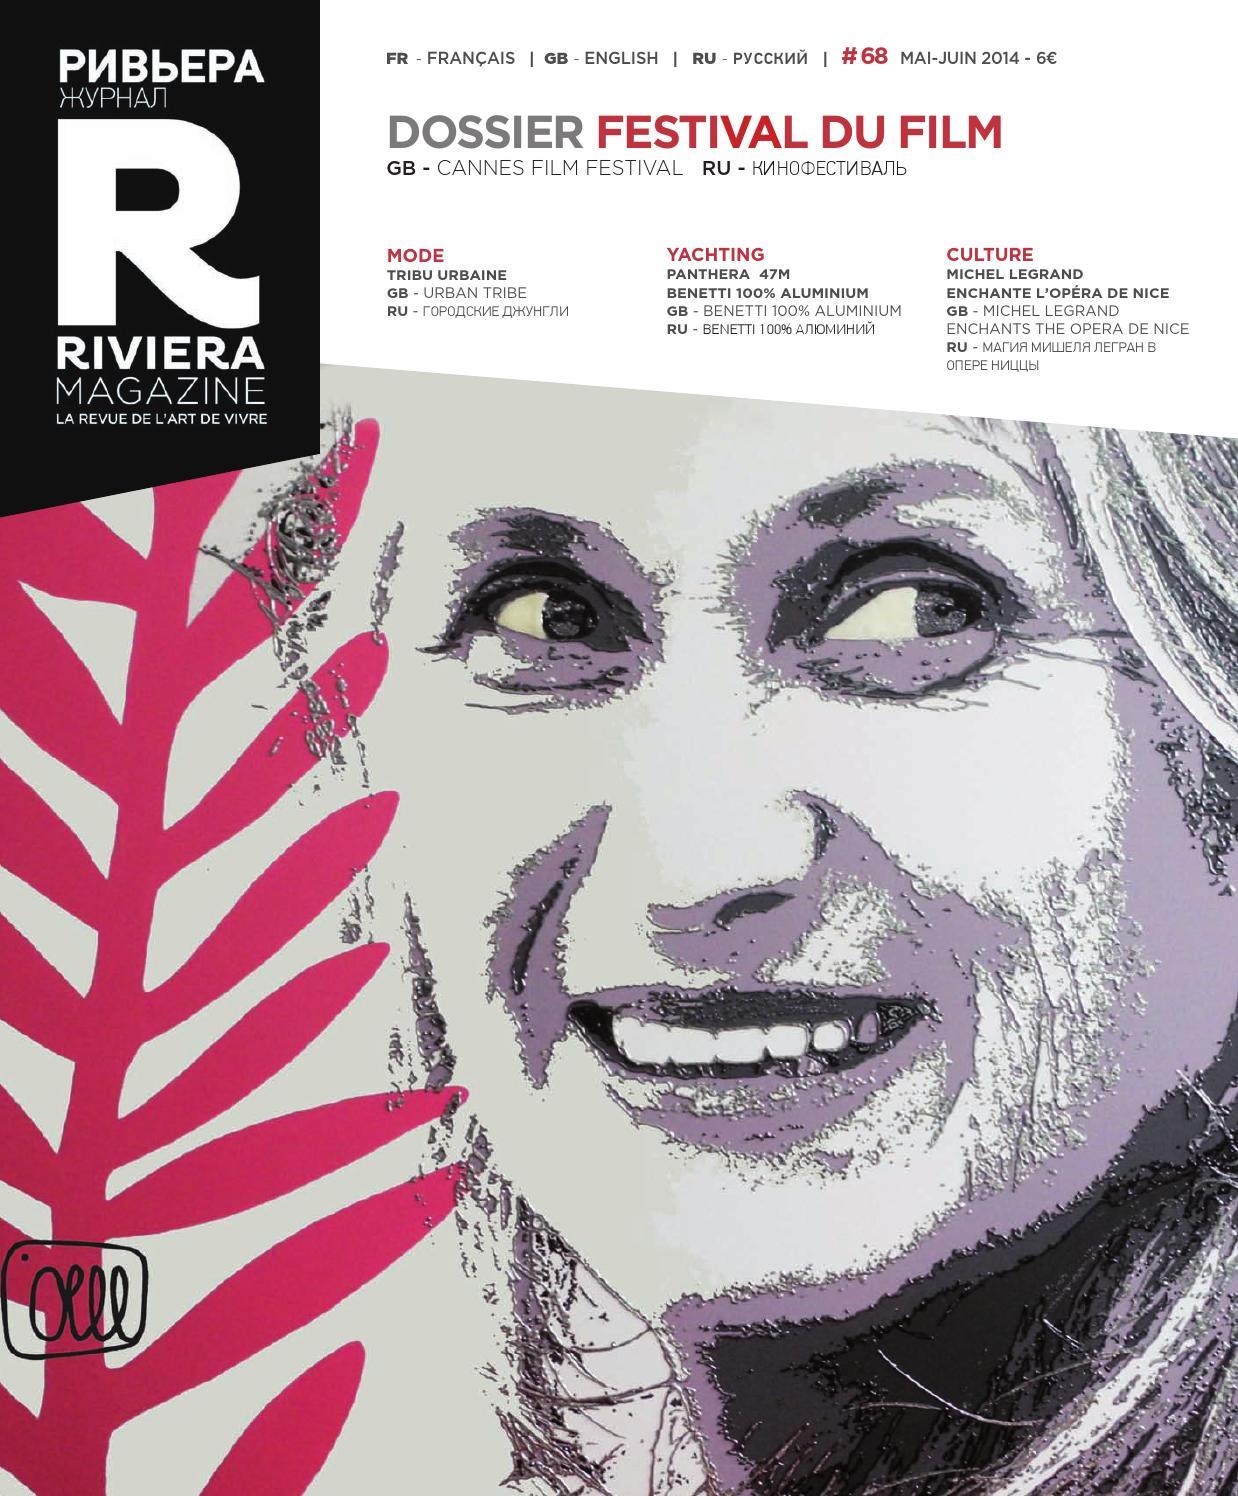 606c4216ebbf Riviera Magazine n°68 - Mai-juin 2014 by Riviera Magazine - issuu